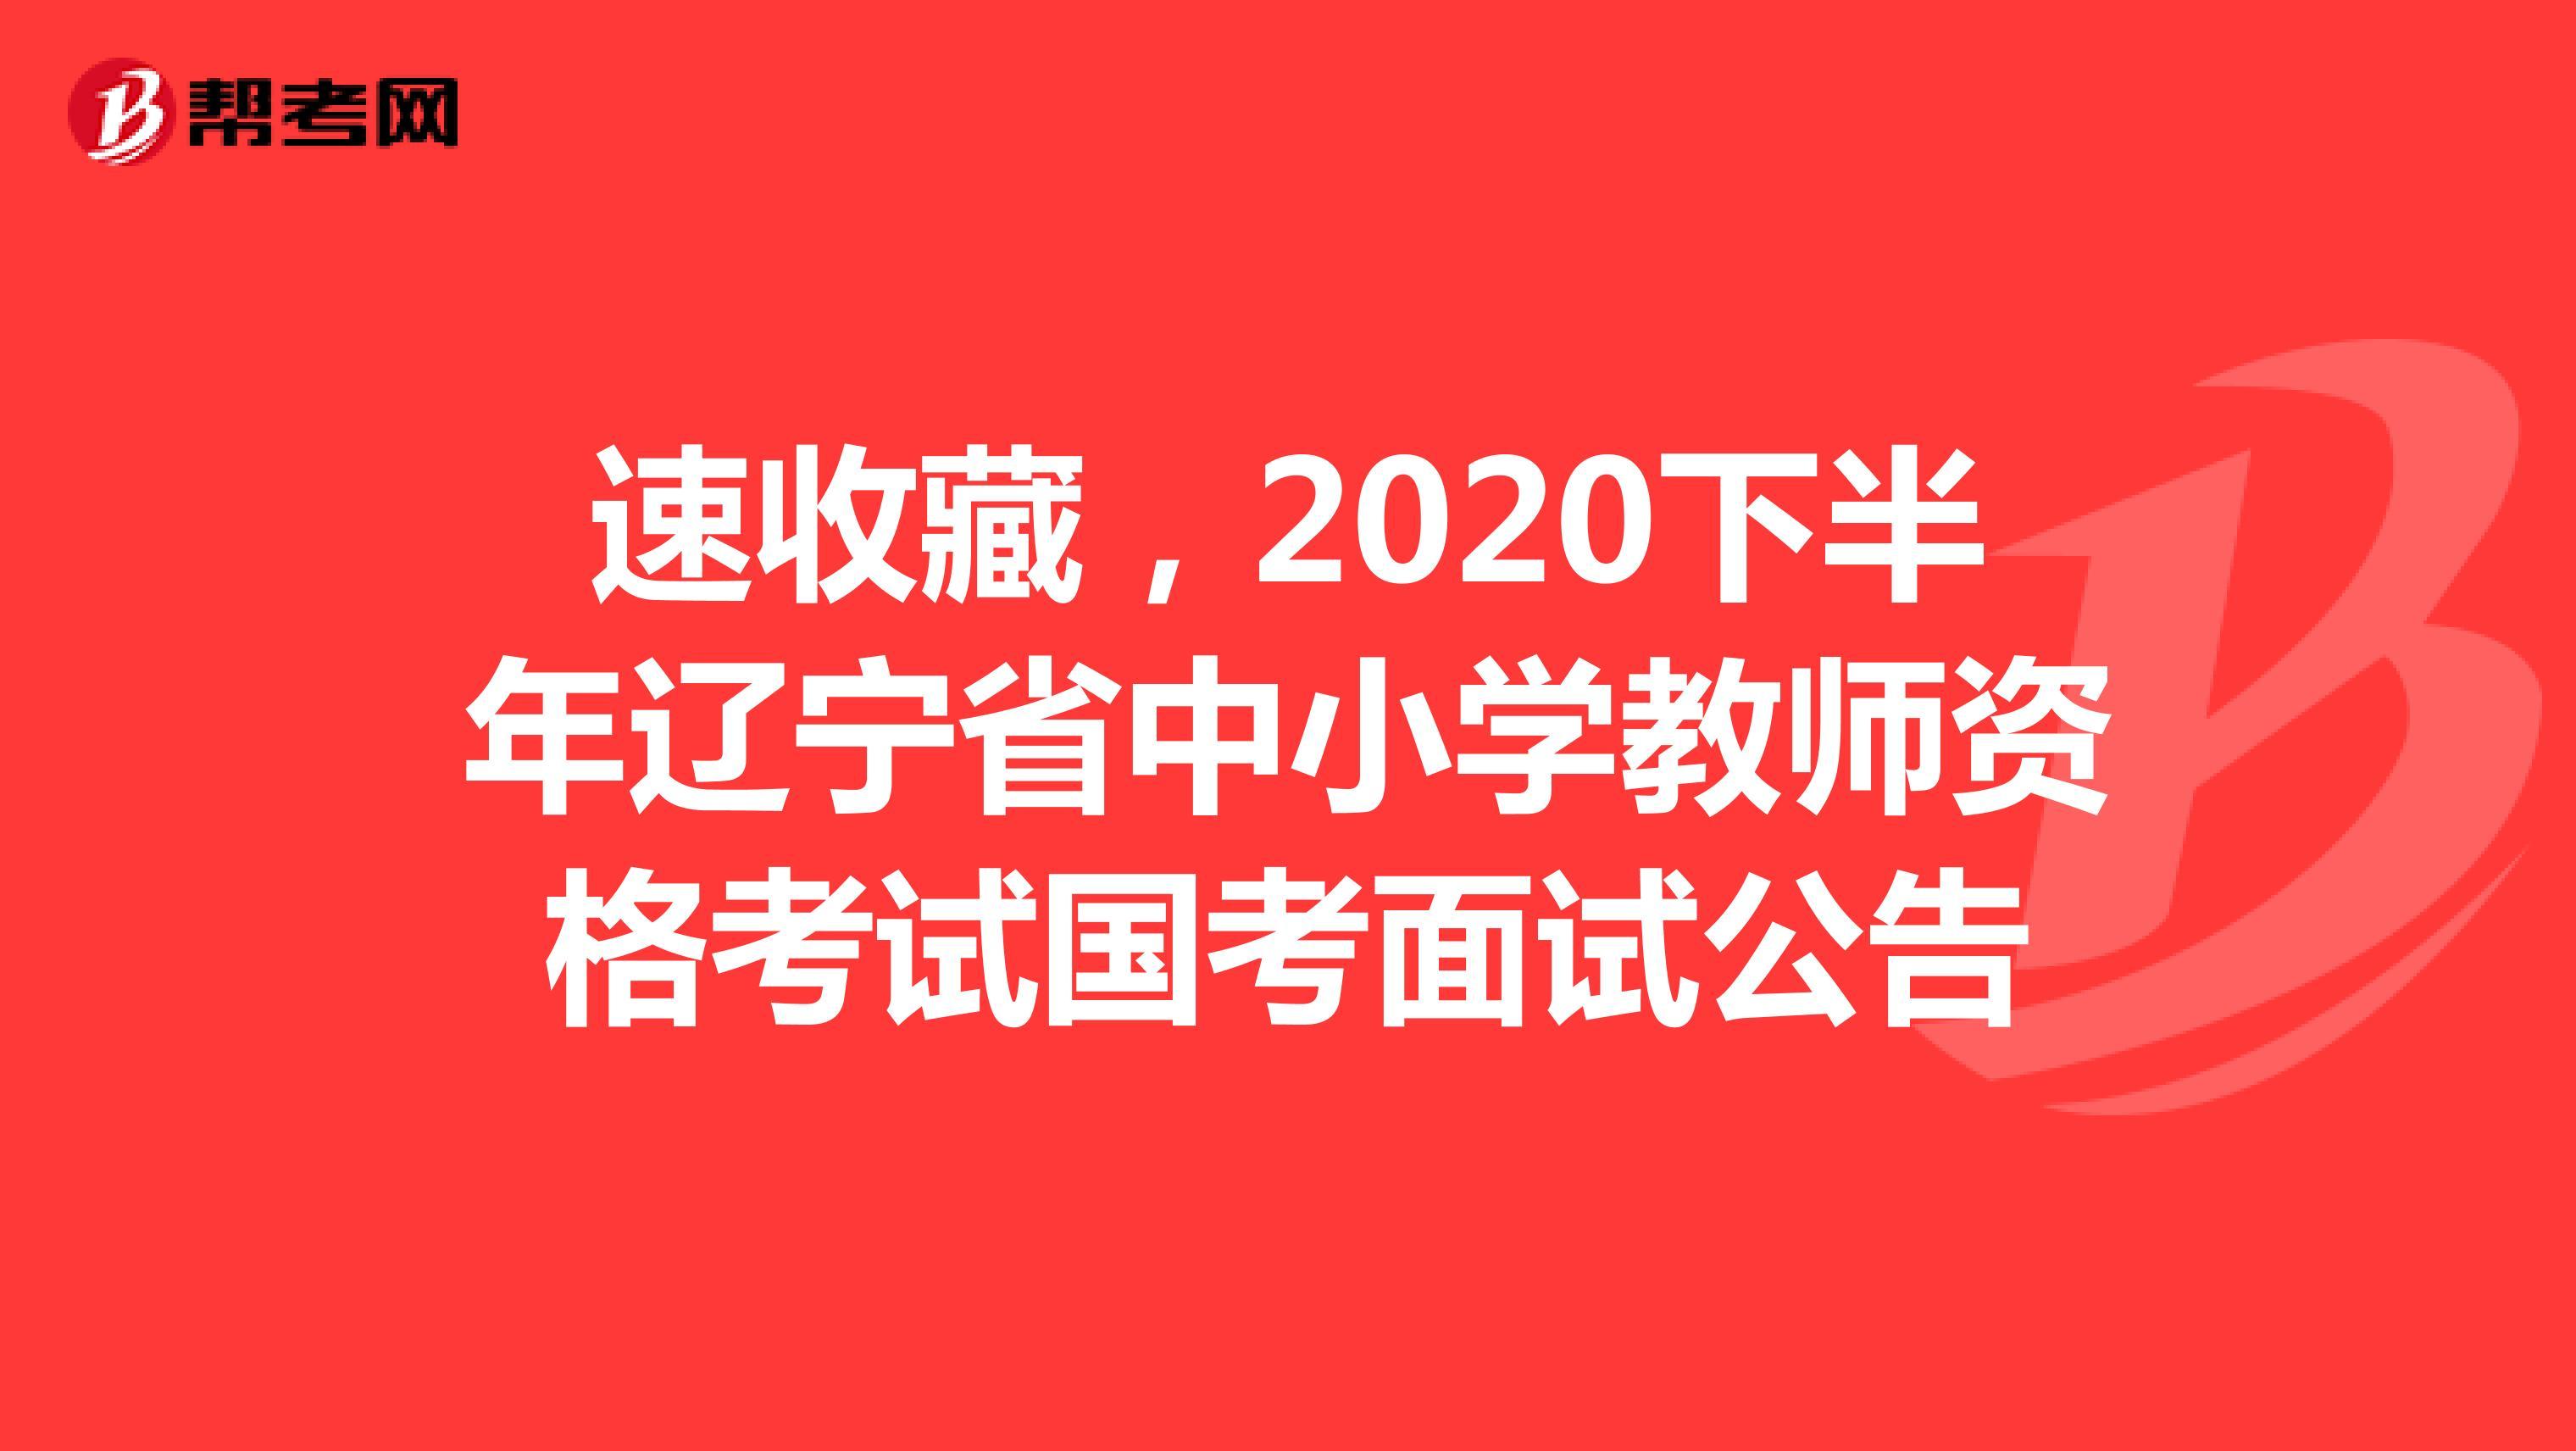 速收藏,2020下半年遼寧省中小學教師資格考試國考面試公告